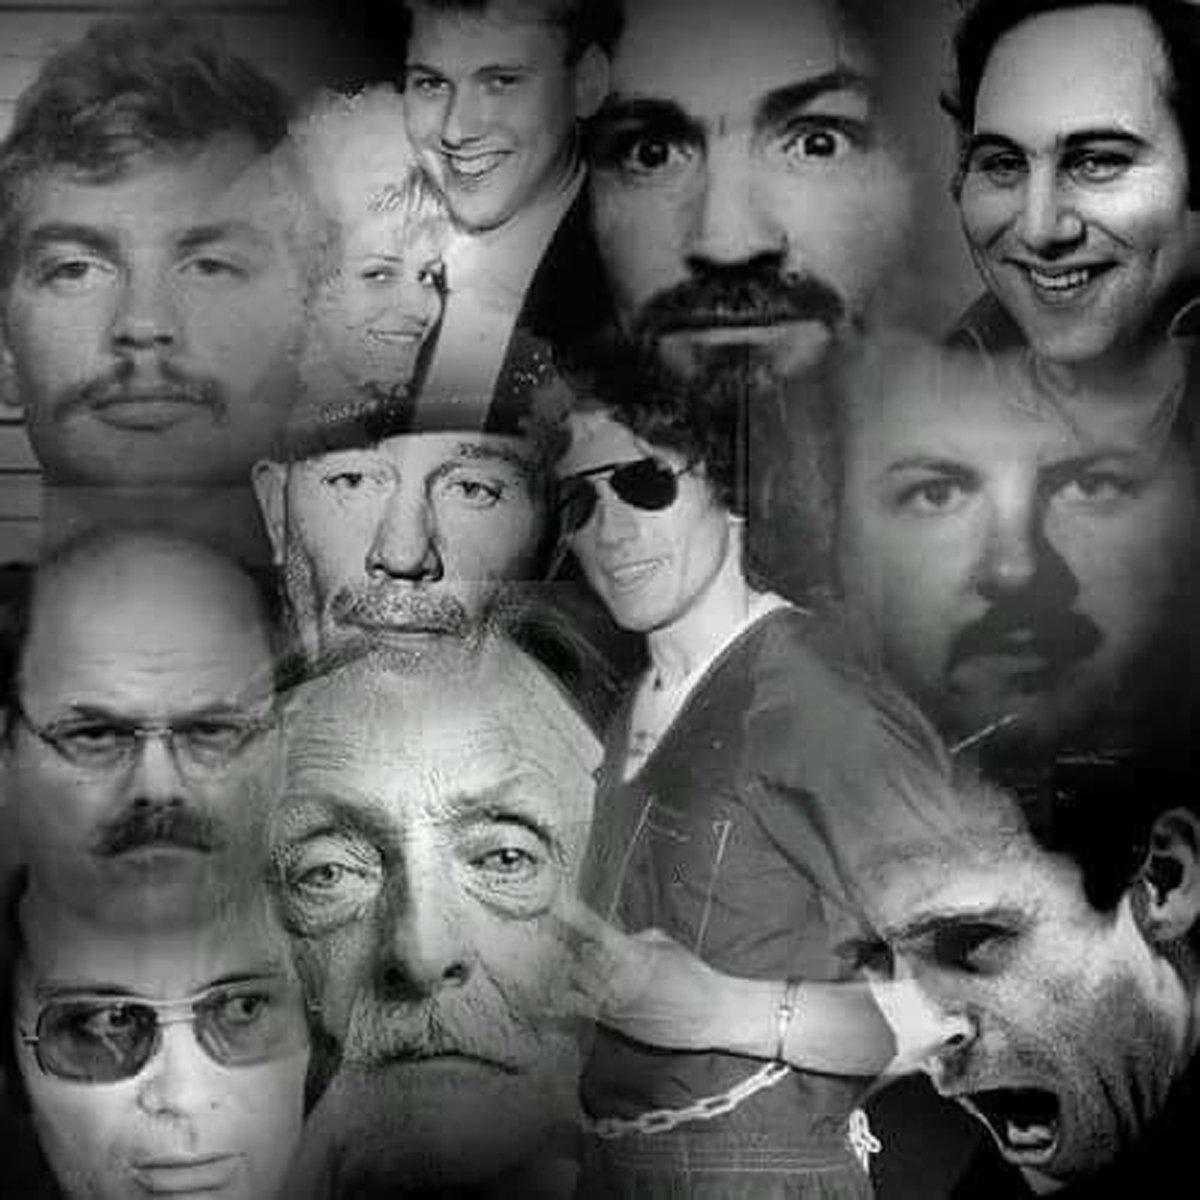 serial killers influencing slogans - HD1200×1200